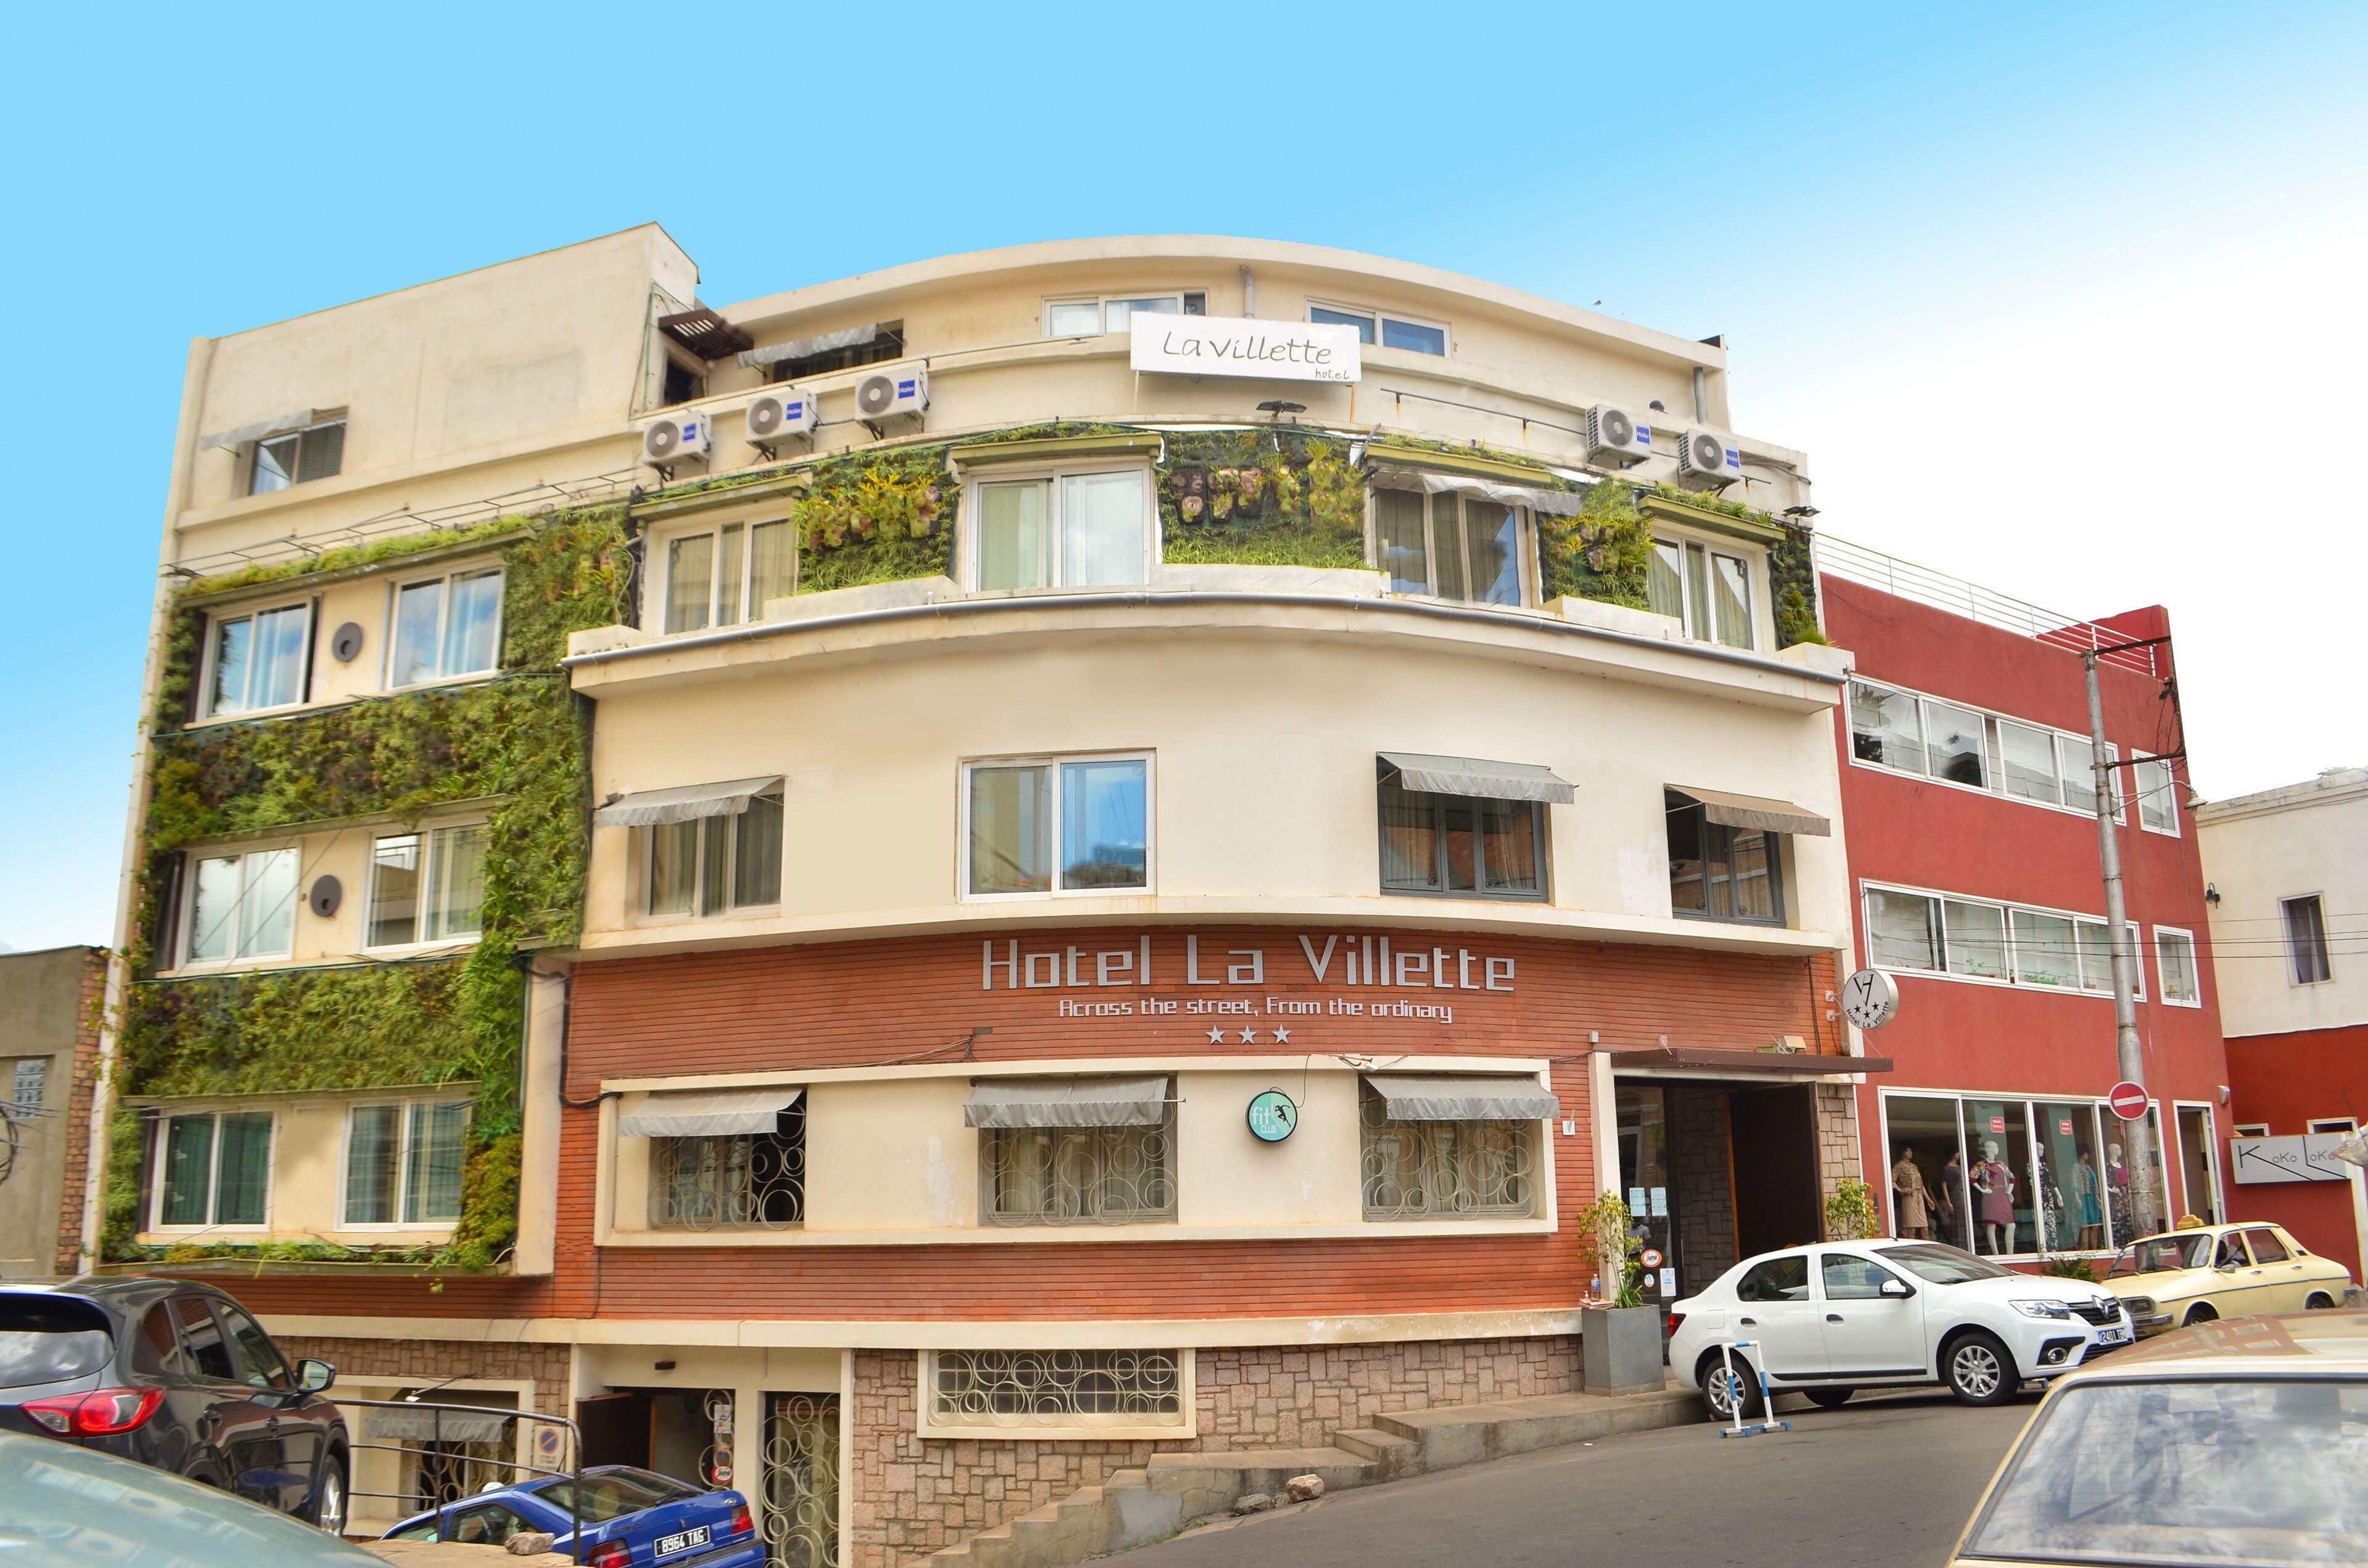 Hotel La Villette